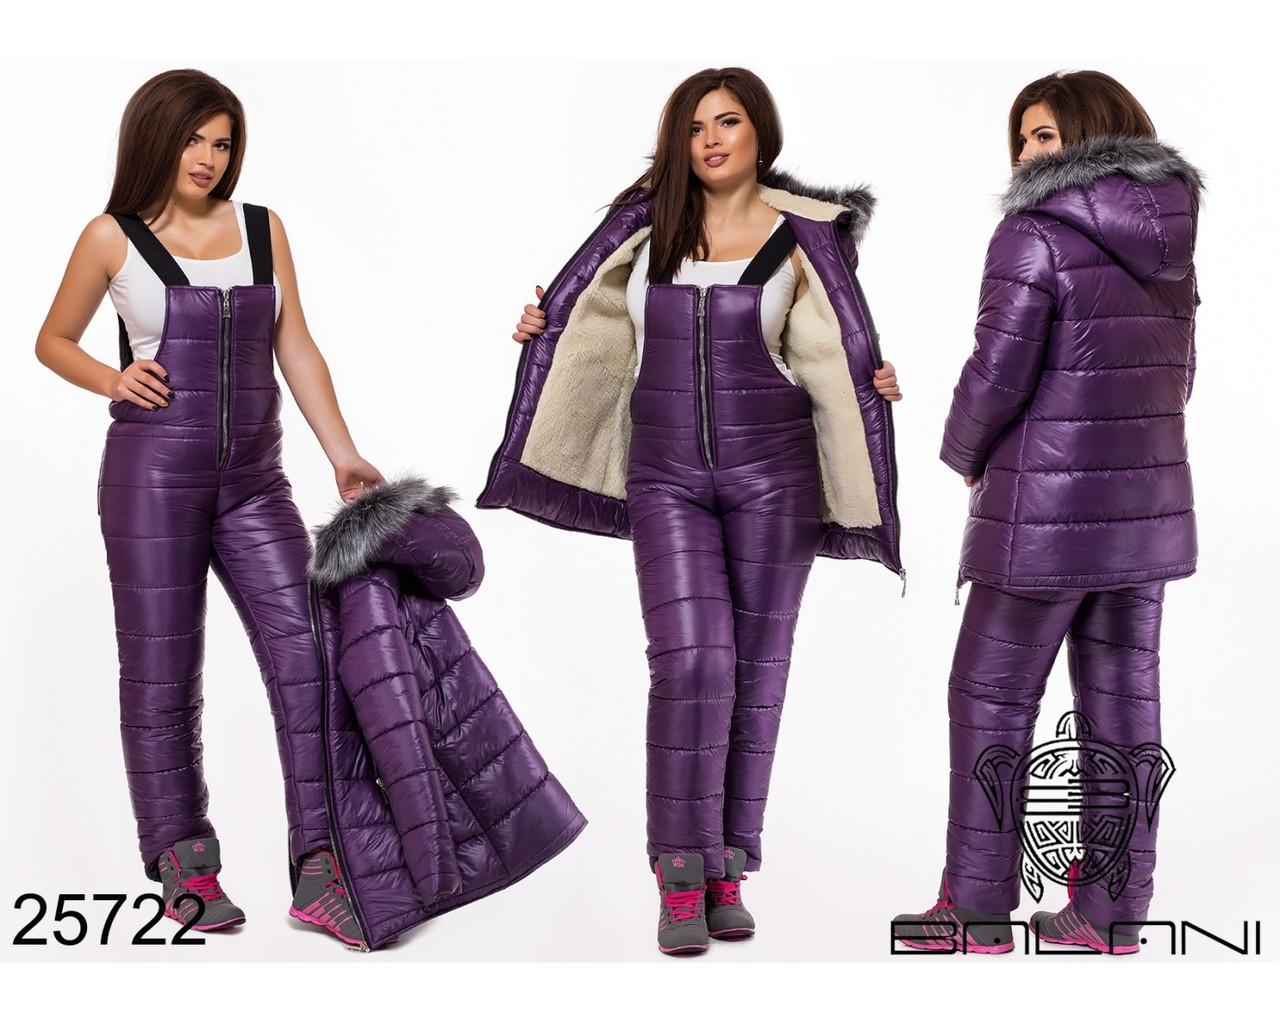 bfff8271 Женский очень тёплый на меху лыжный костюм: куртка с капюшоном+ комбинезон  на синтепоне,